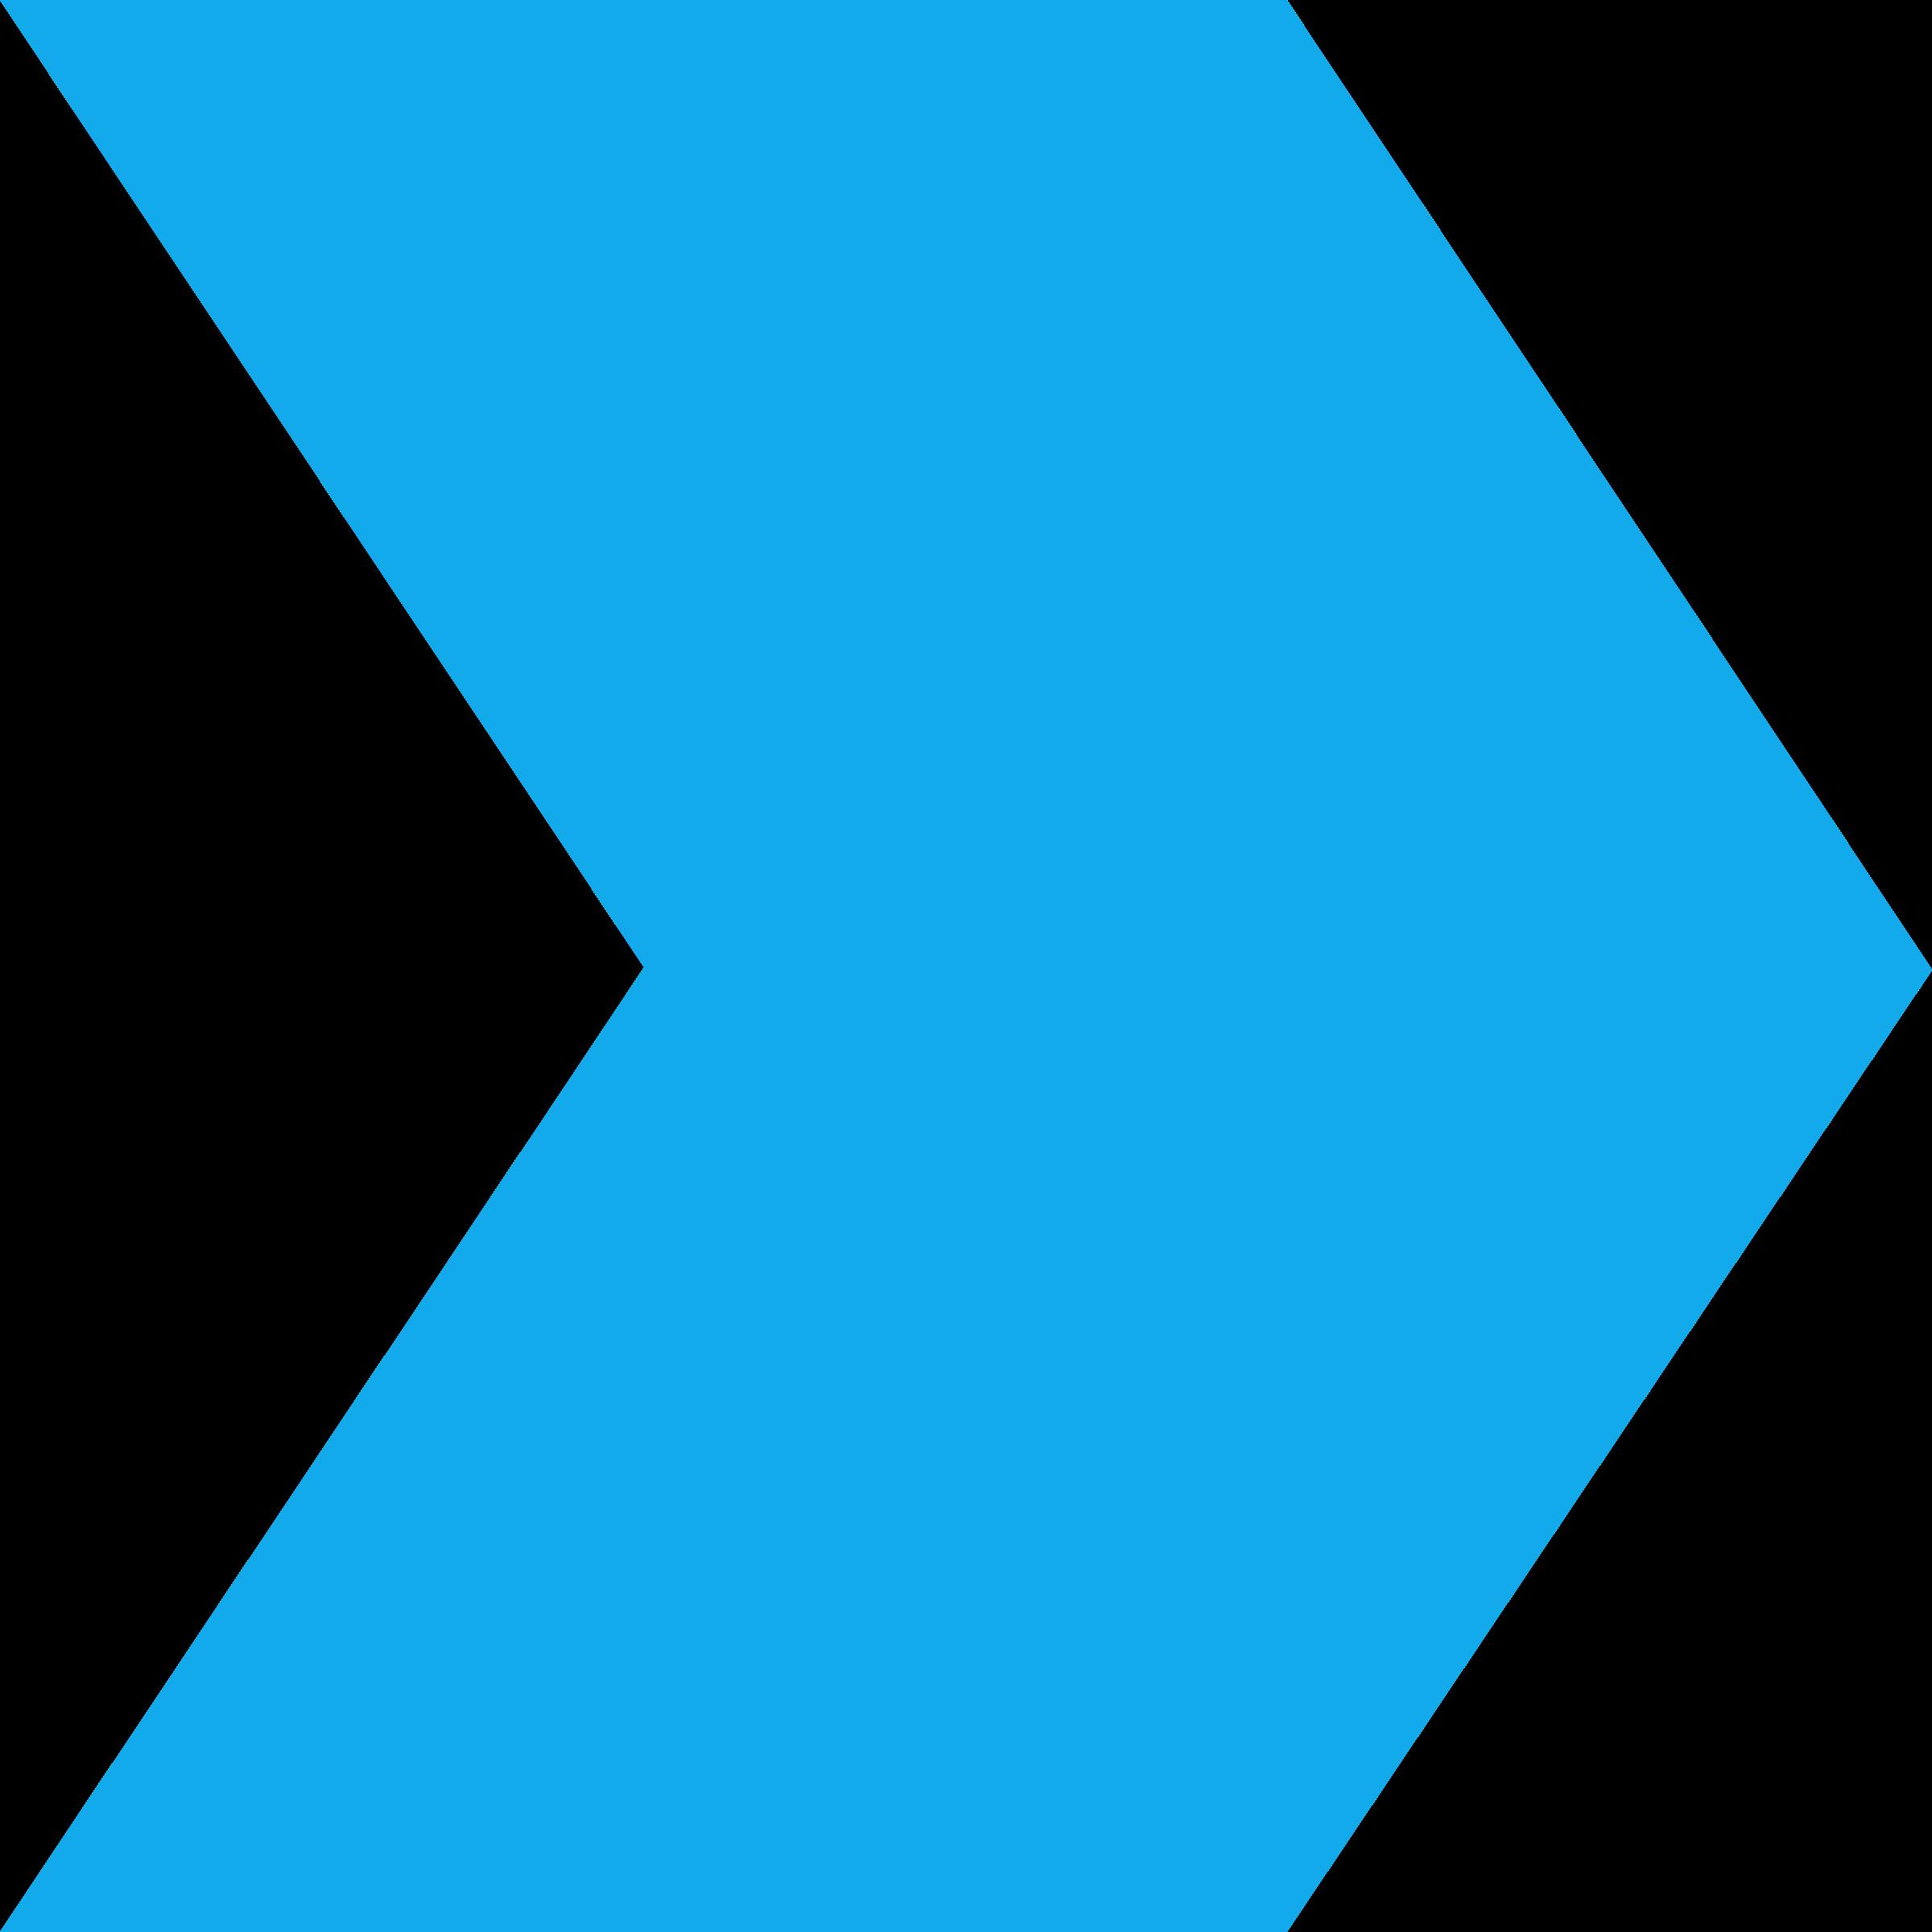 Digital Marketing Institute Logo PNG Transparent & SVG ...